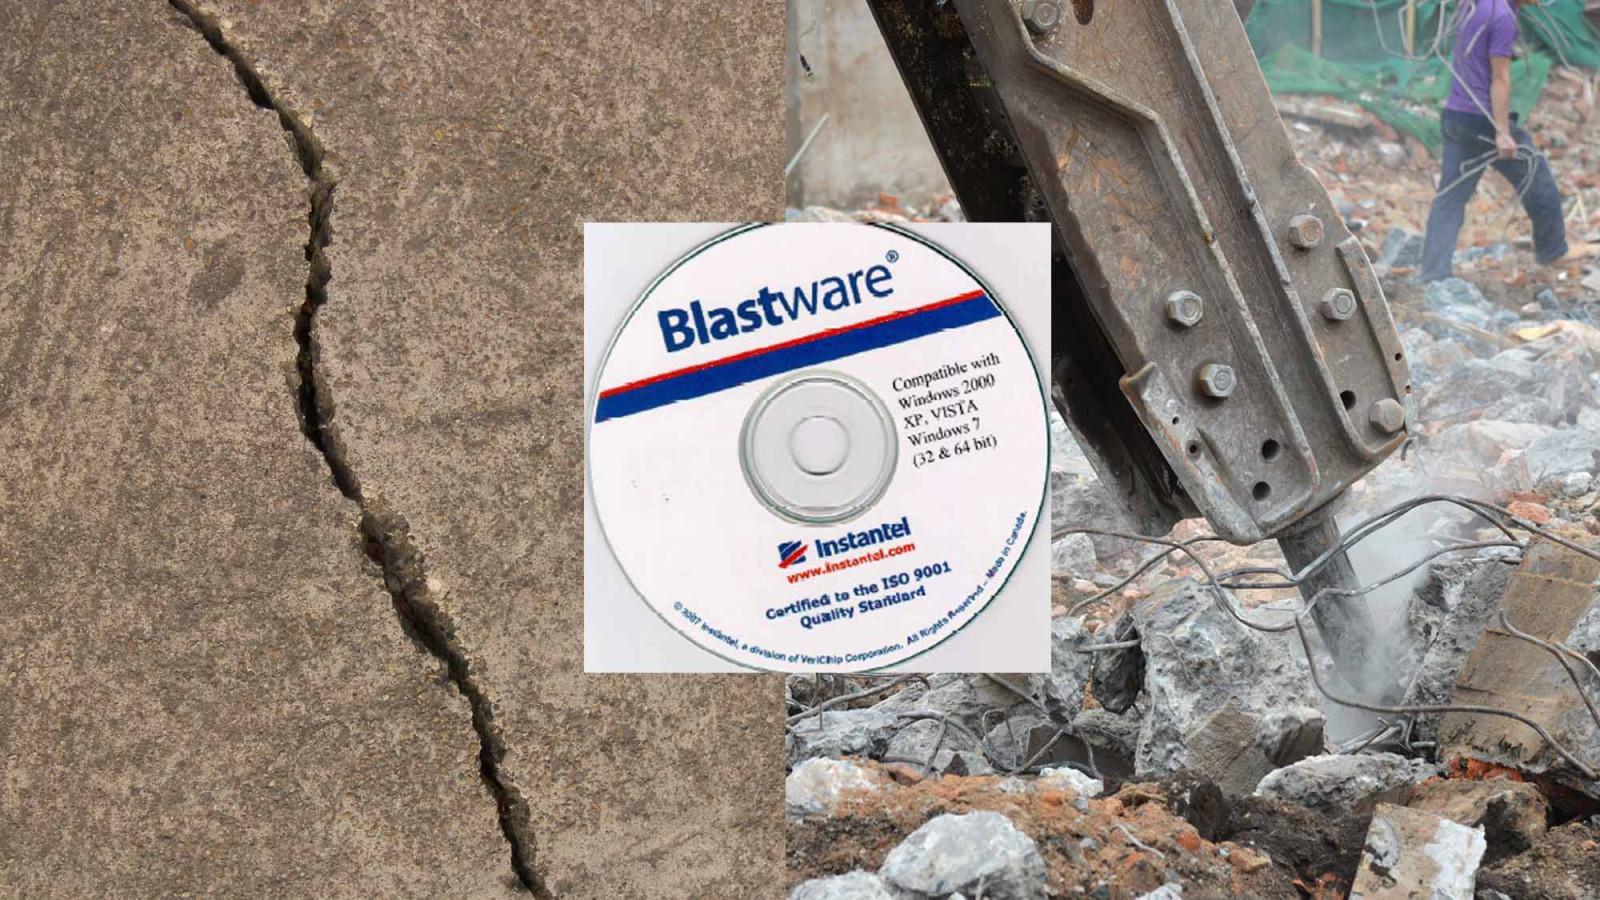 Blastware Course Software